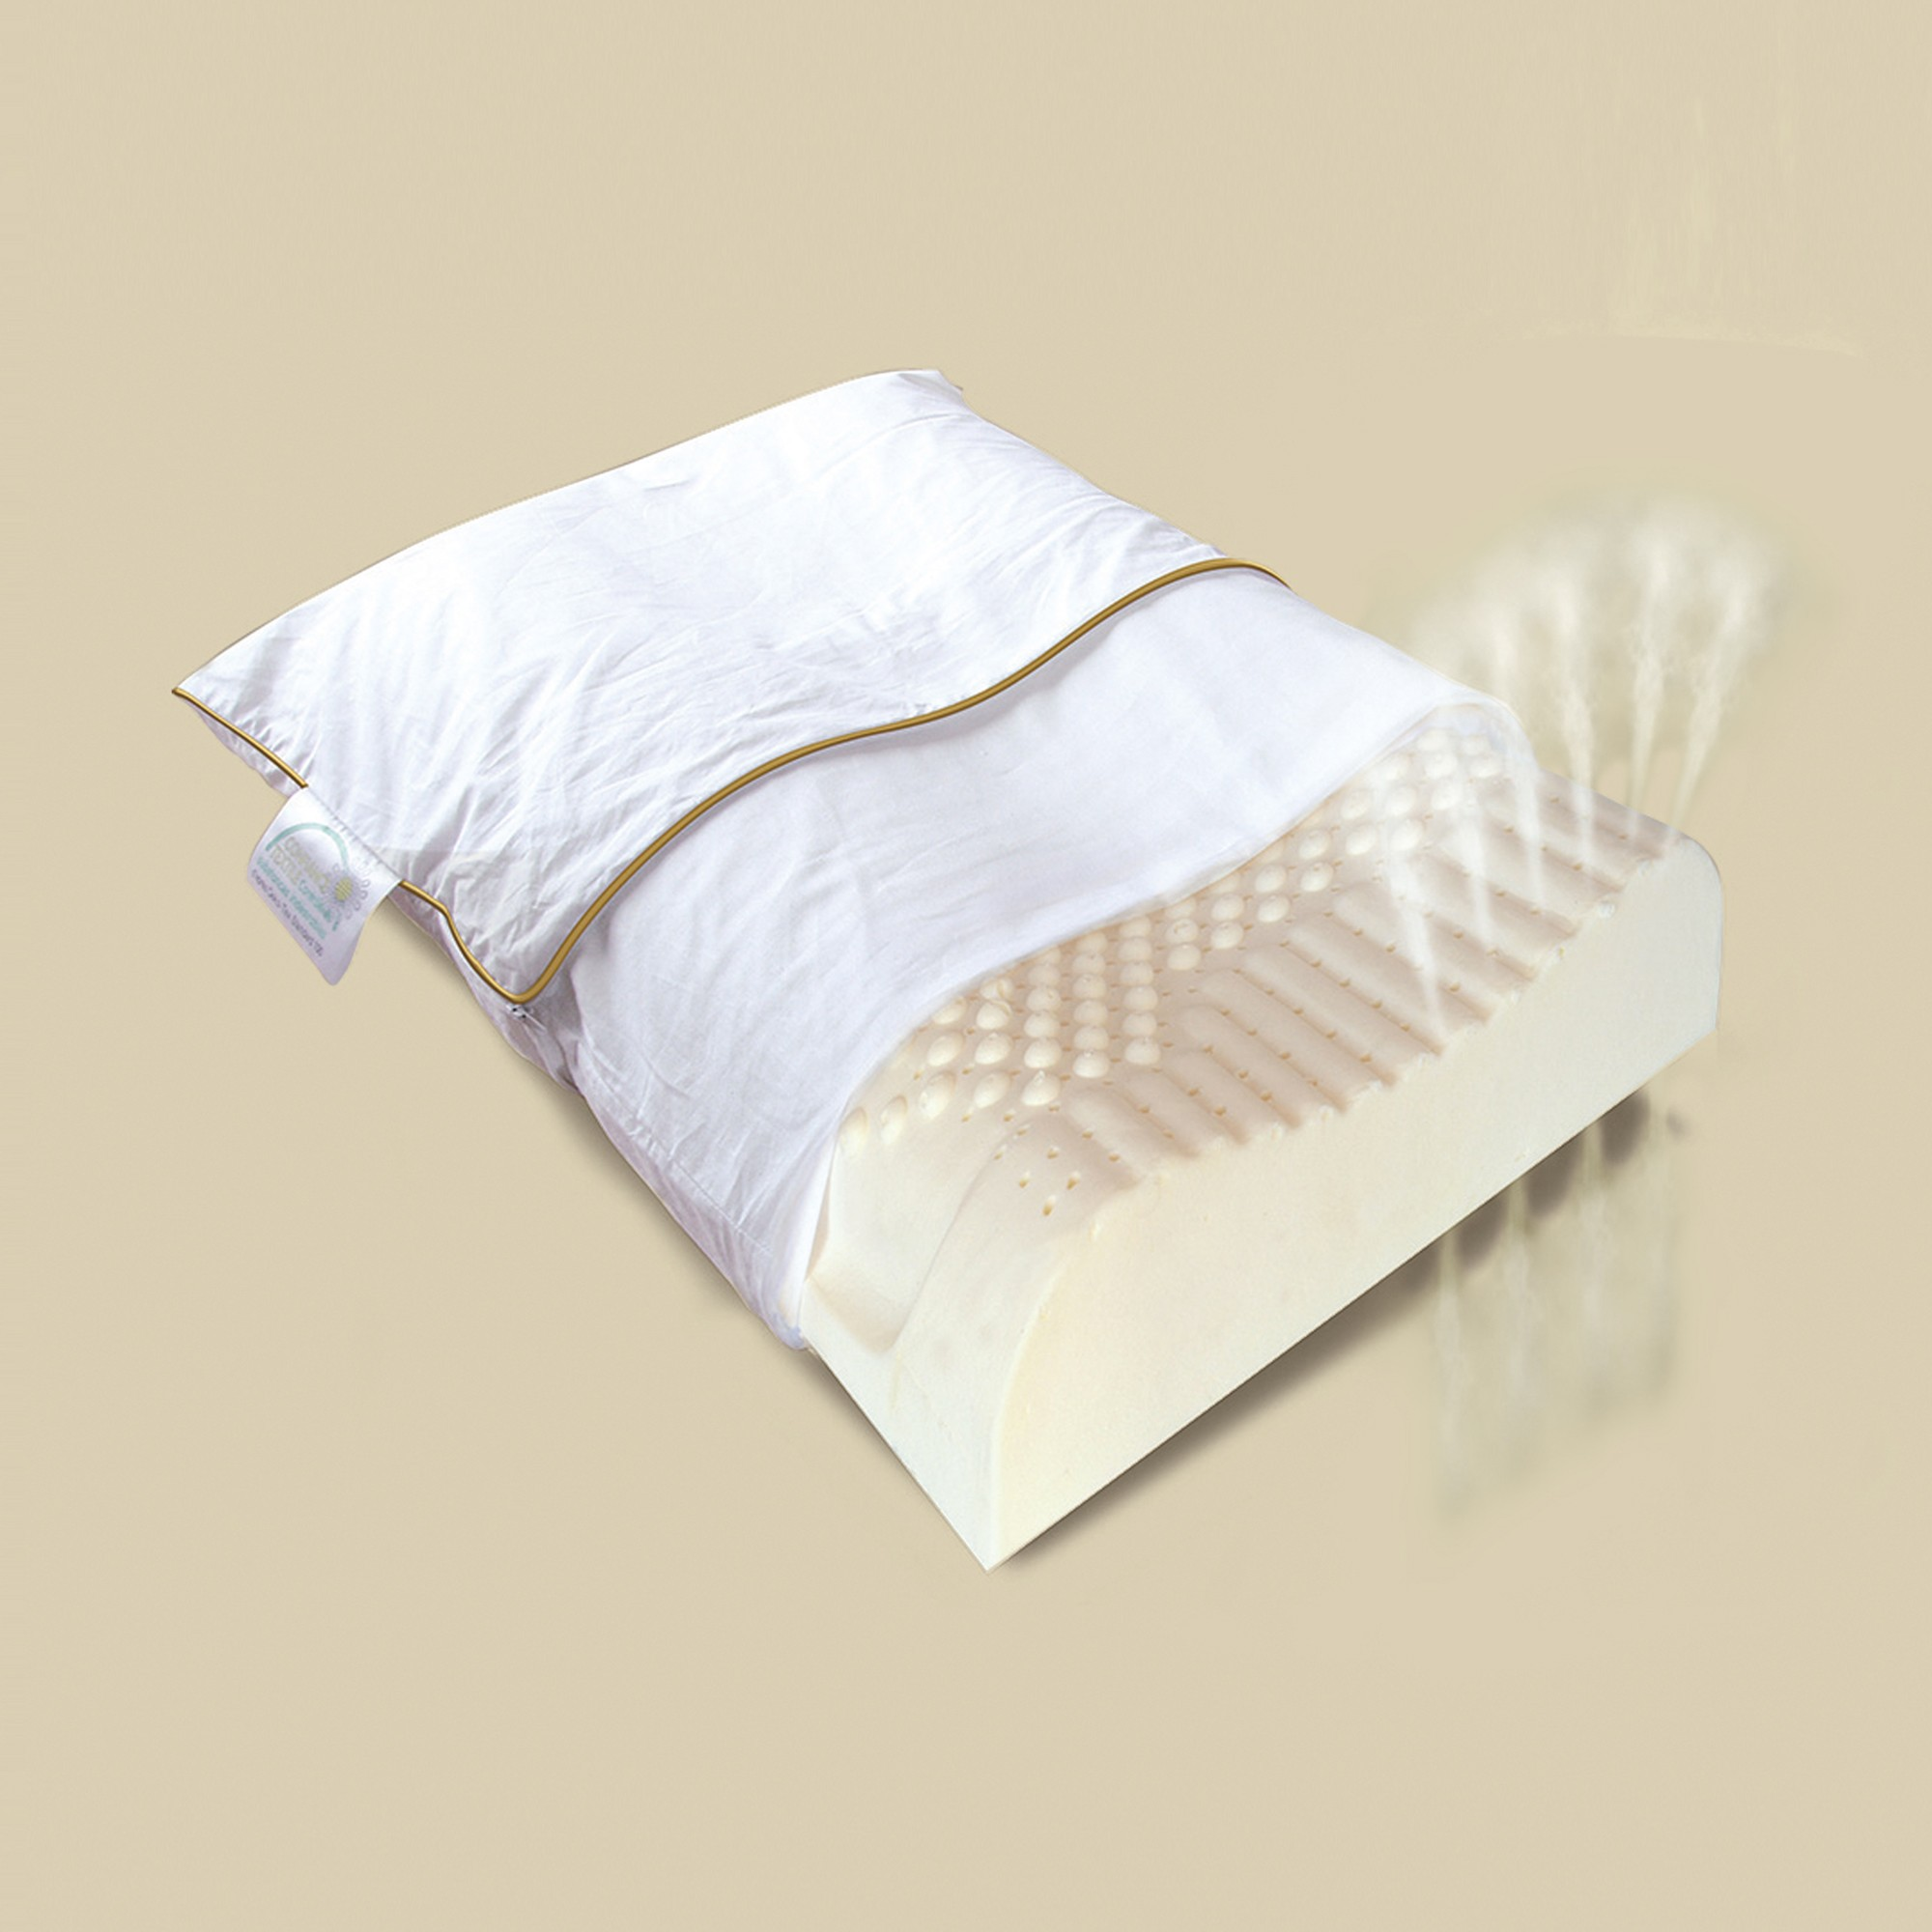 Oreiller à mémoire de forme : Quelle est la particularité de l'oreiller ?